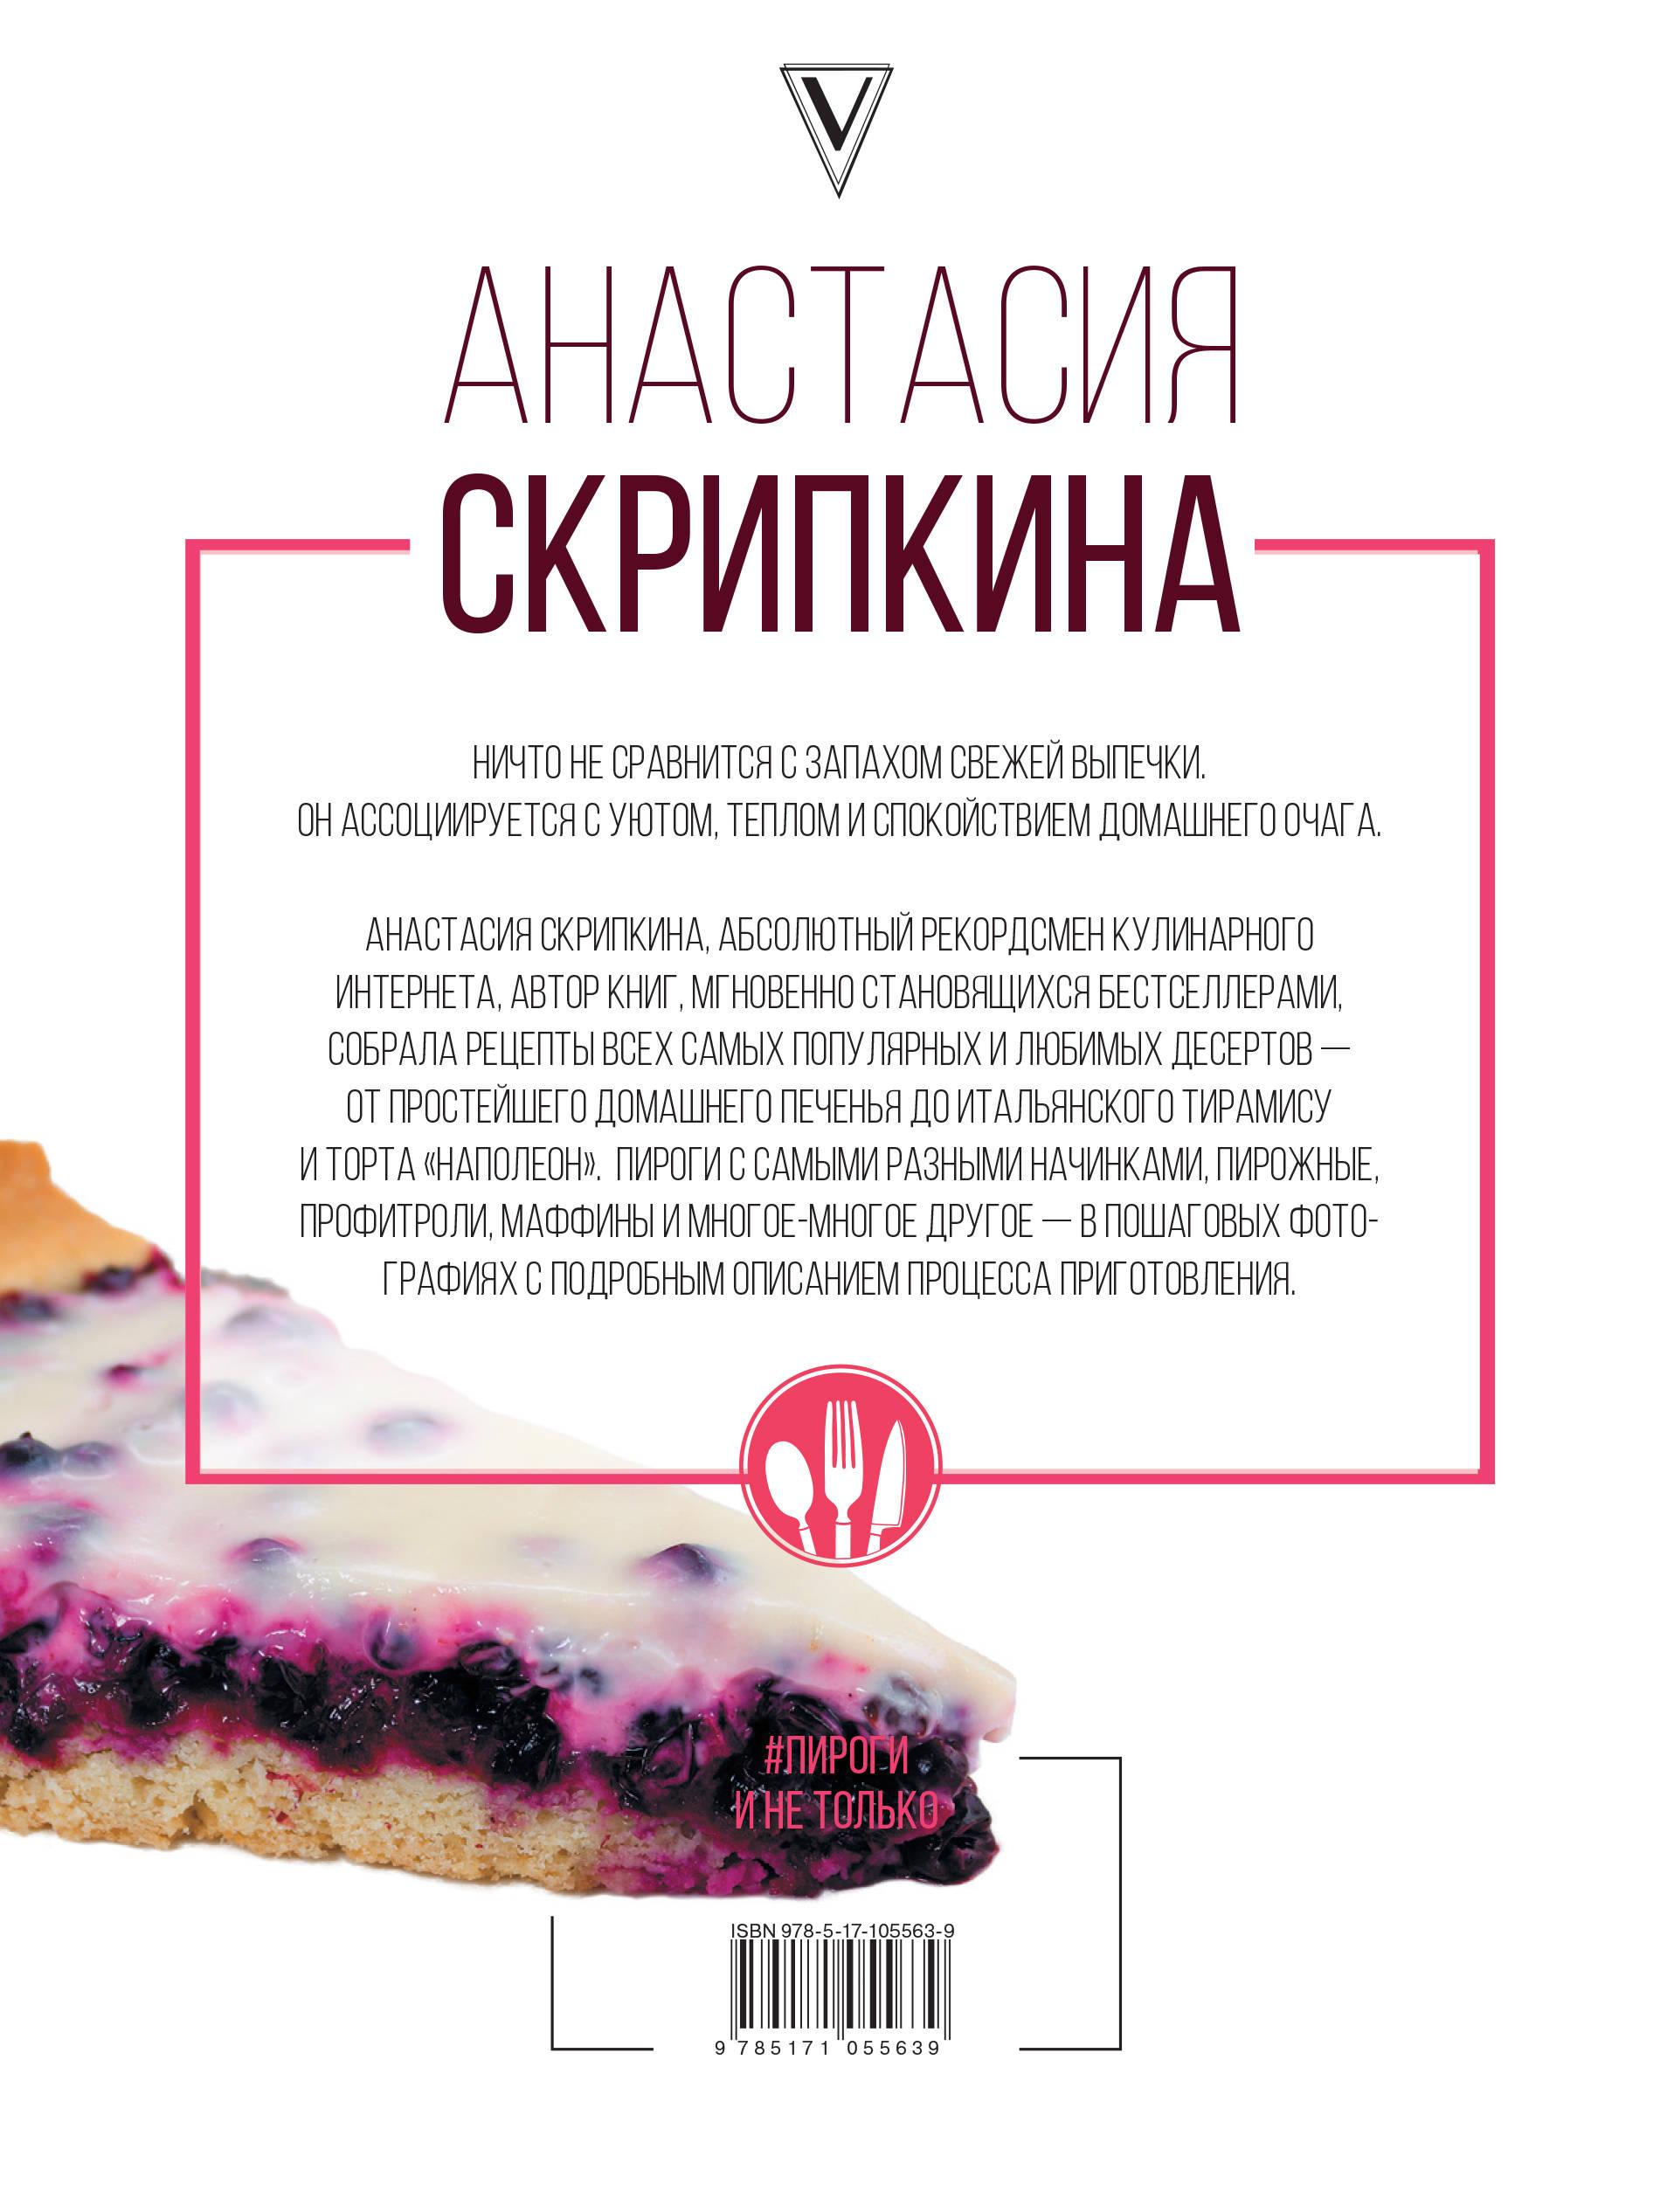 Книга #Пироги и не только. Анастасия Скрипкина